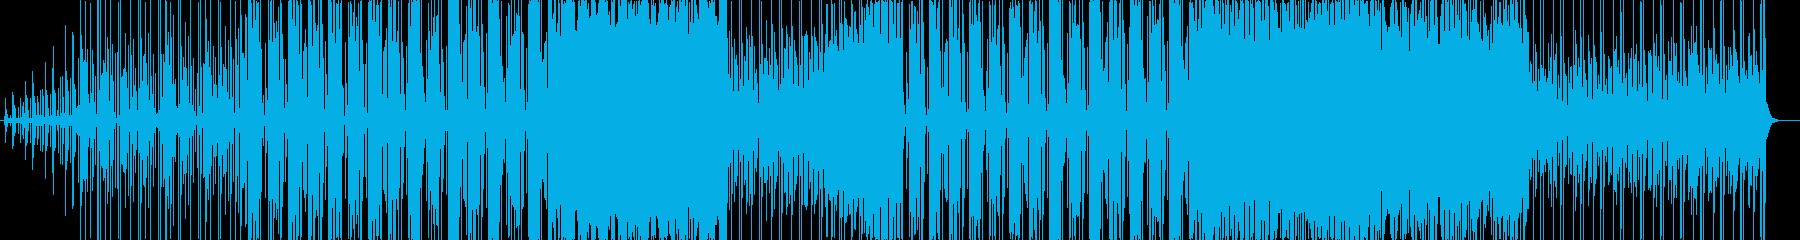 明るく爽やかなBGMの再生済みの波形